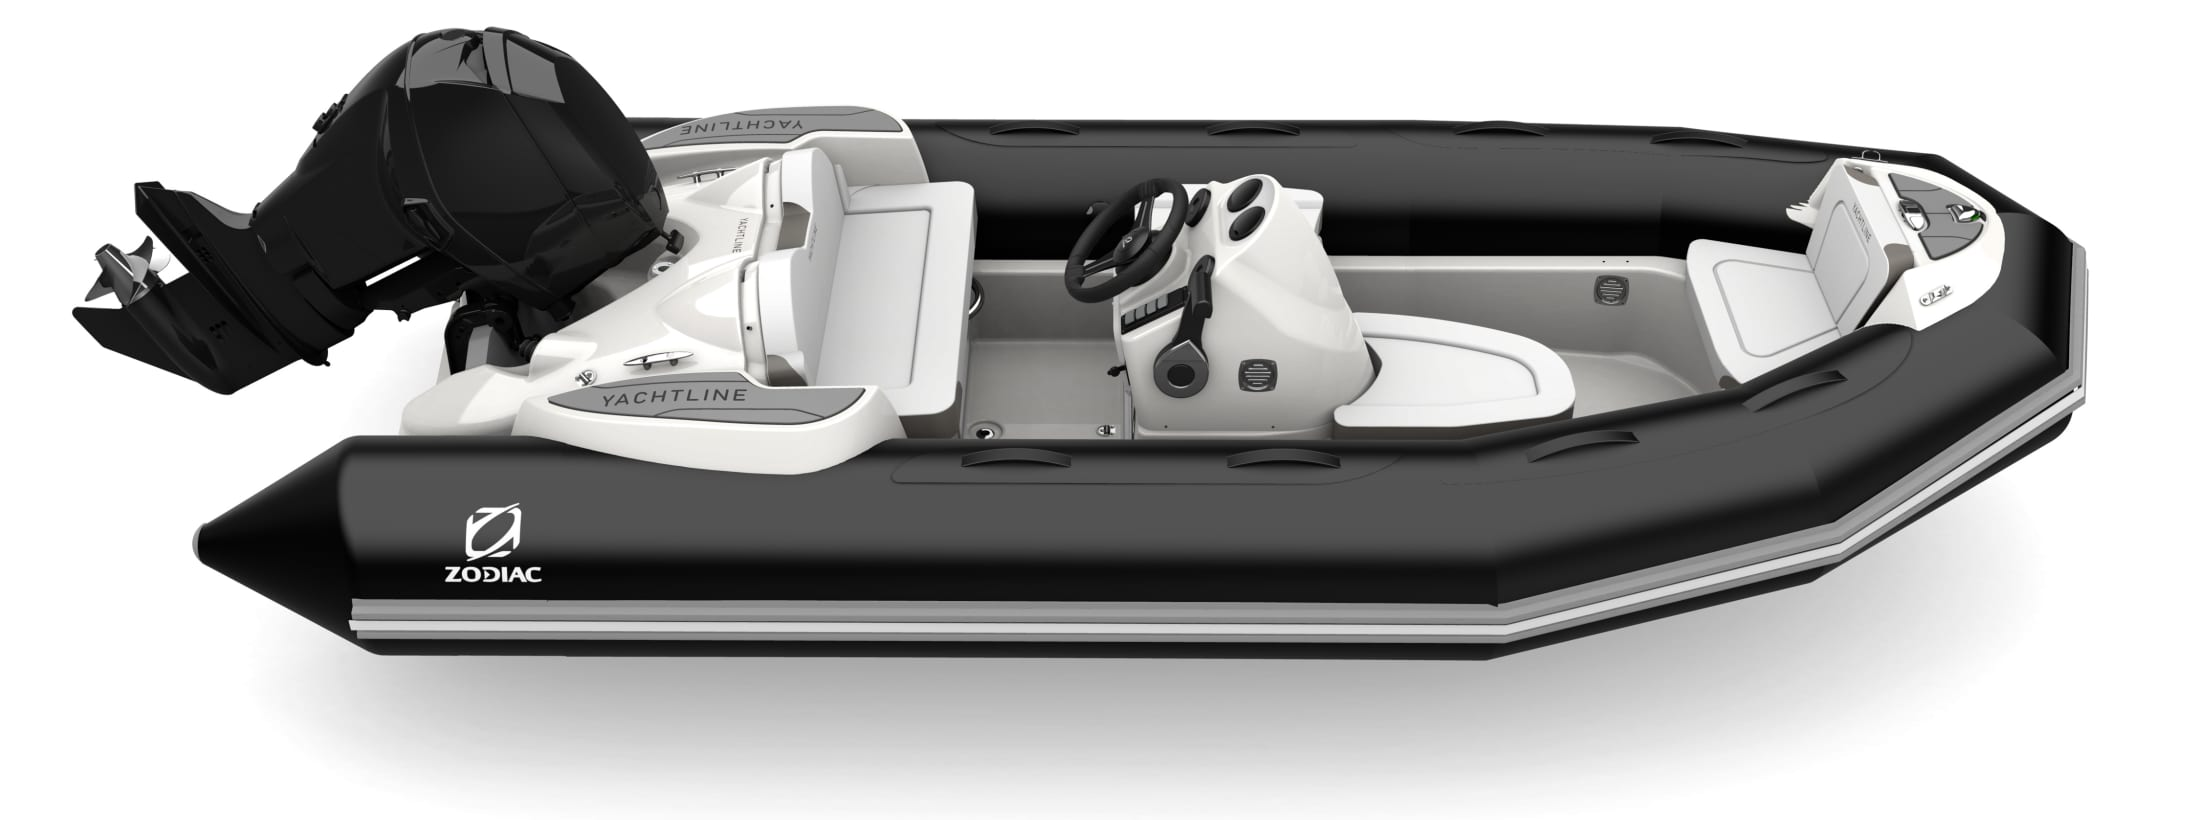 Yachtline Deluxe 400